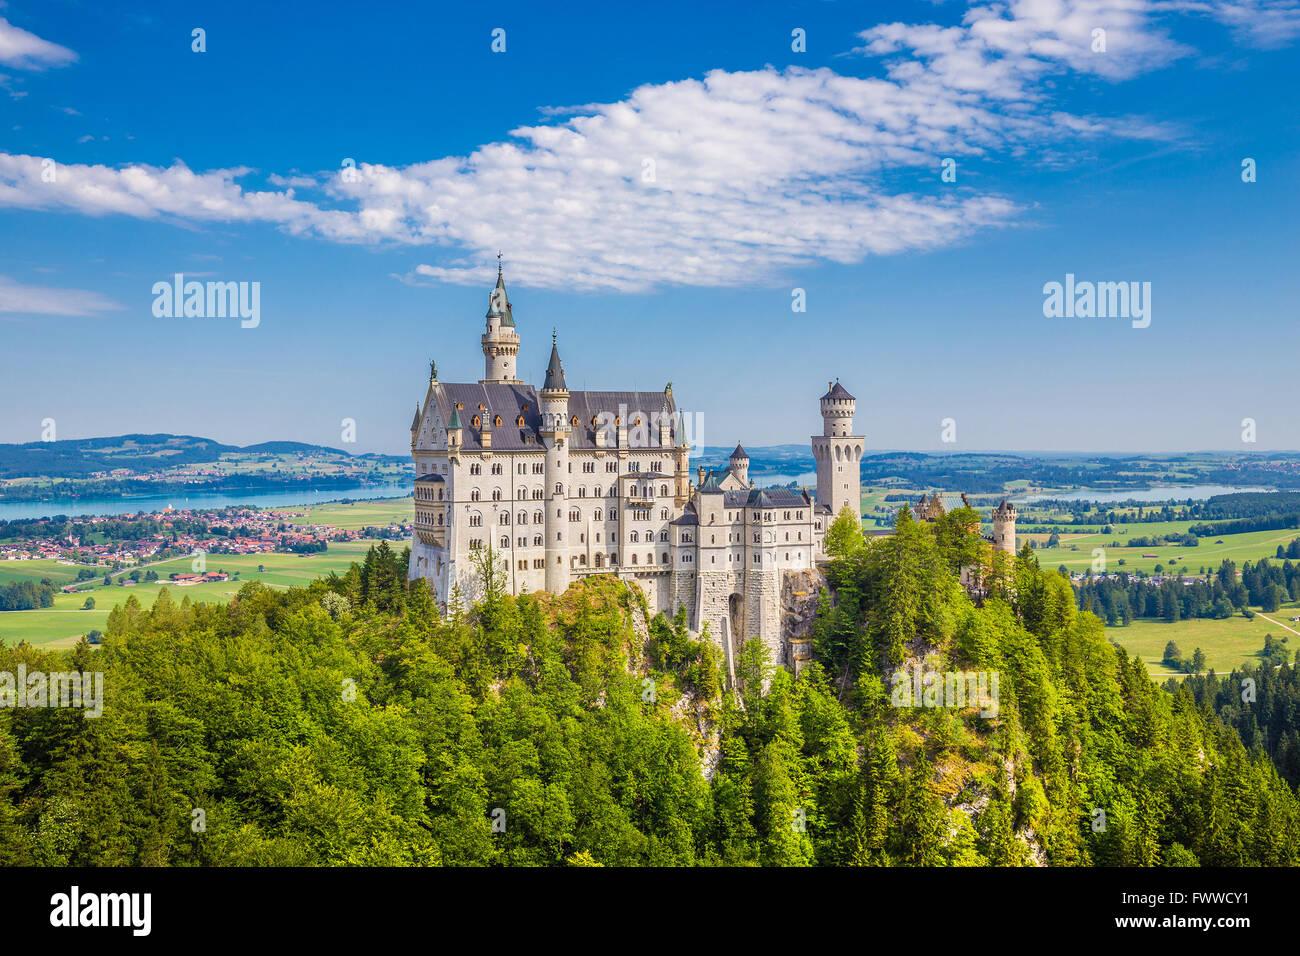 Klassische Ansicht des berühmten Schloss Neuschwanstein, Bayern, Deutschland Stockbild